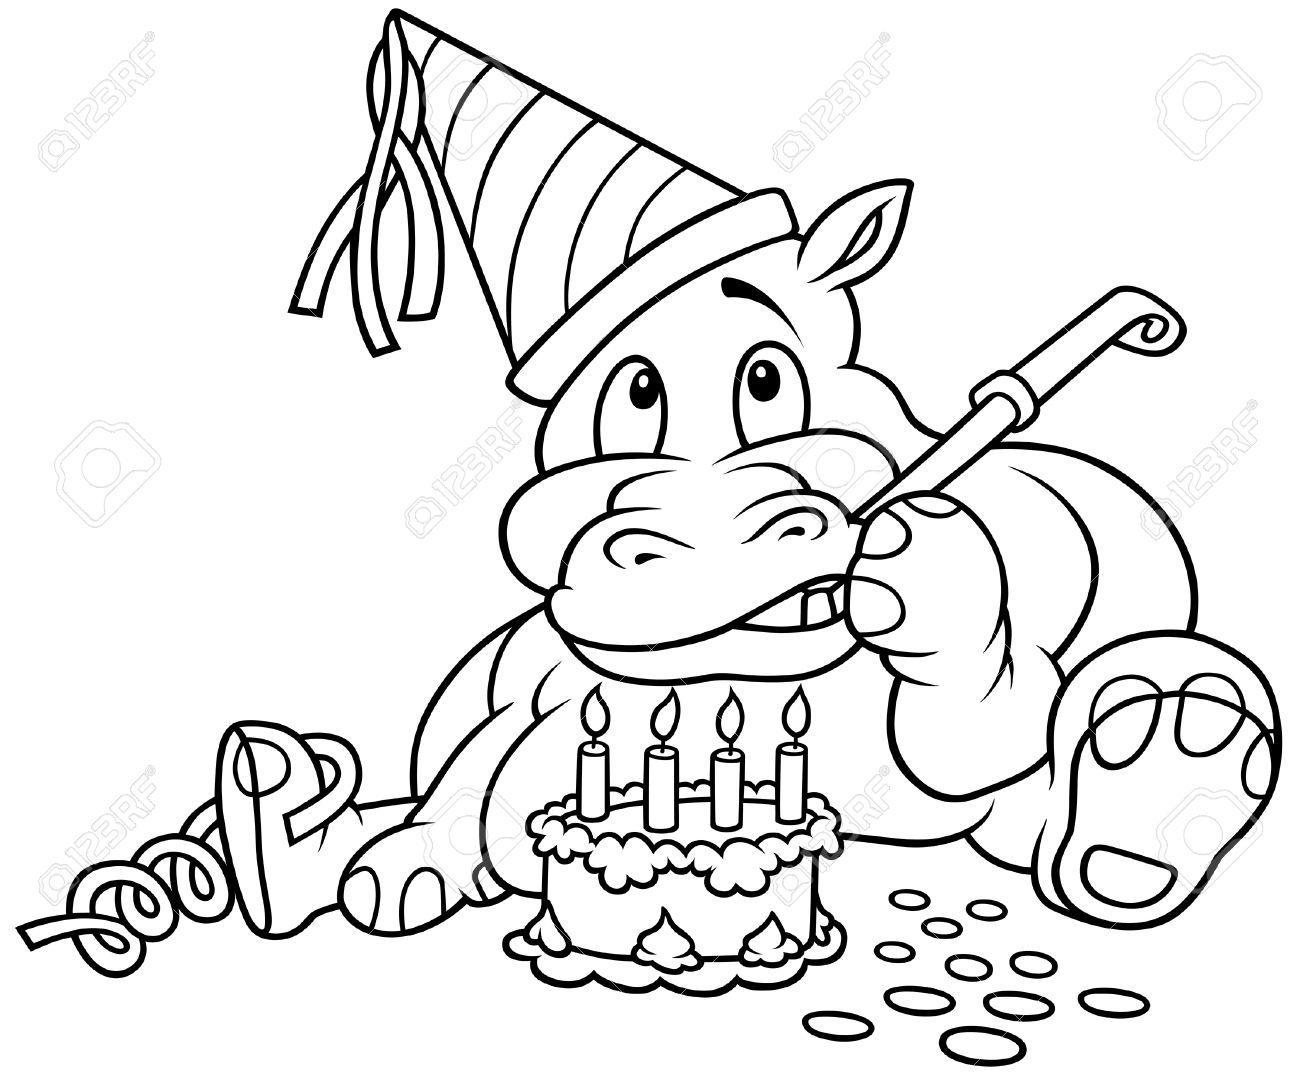 Hippo Und Kuchen - Schwarz Und Weiß Karikatur Illustration, Vektor ...